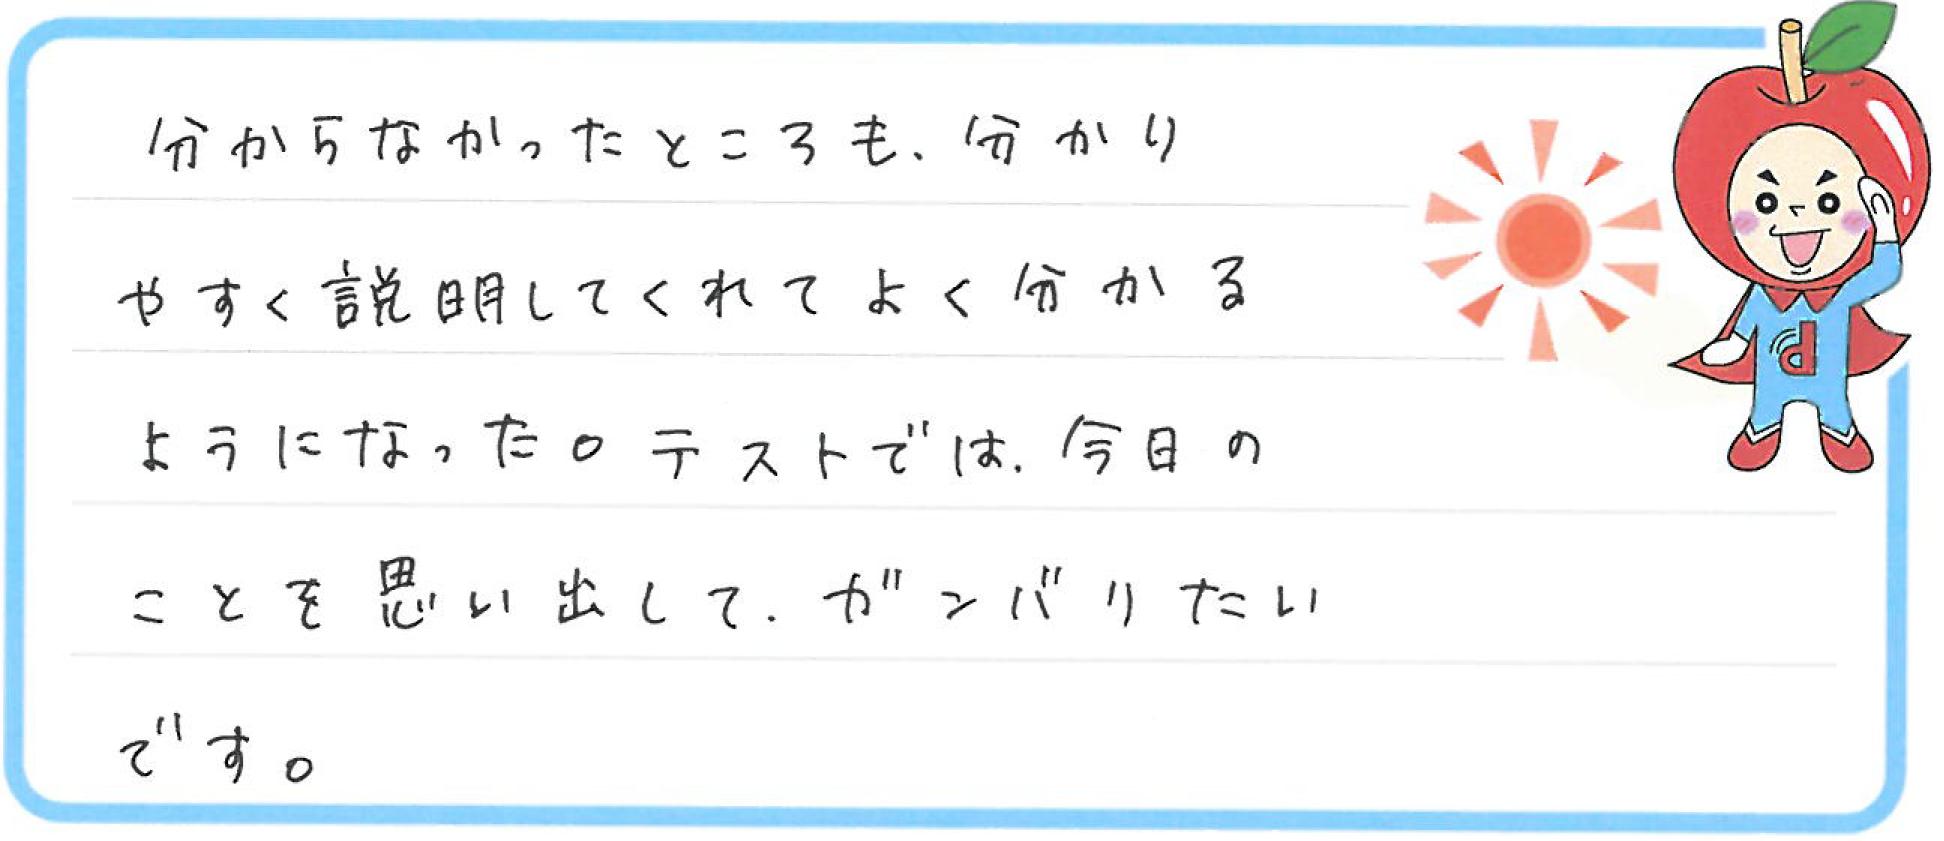 Kちゃん(河北郡津幡町)からの口コミ